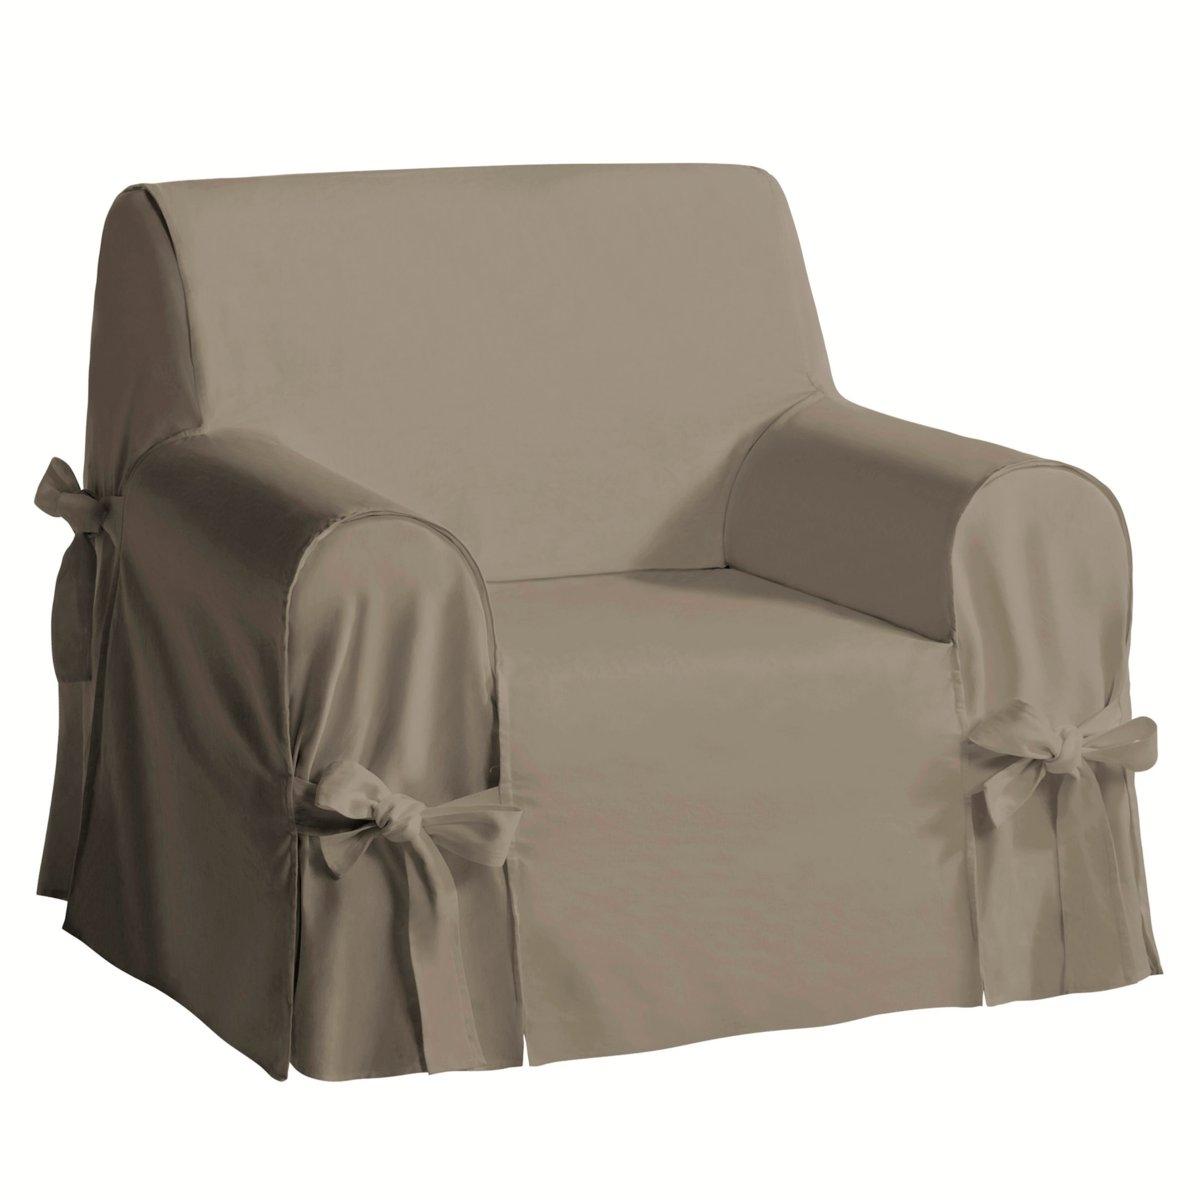 Чехол LaRedoute Для кресла из льна и хлопка JIMI единый размер каштановый